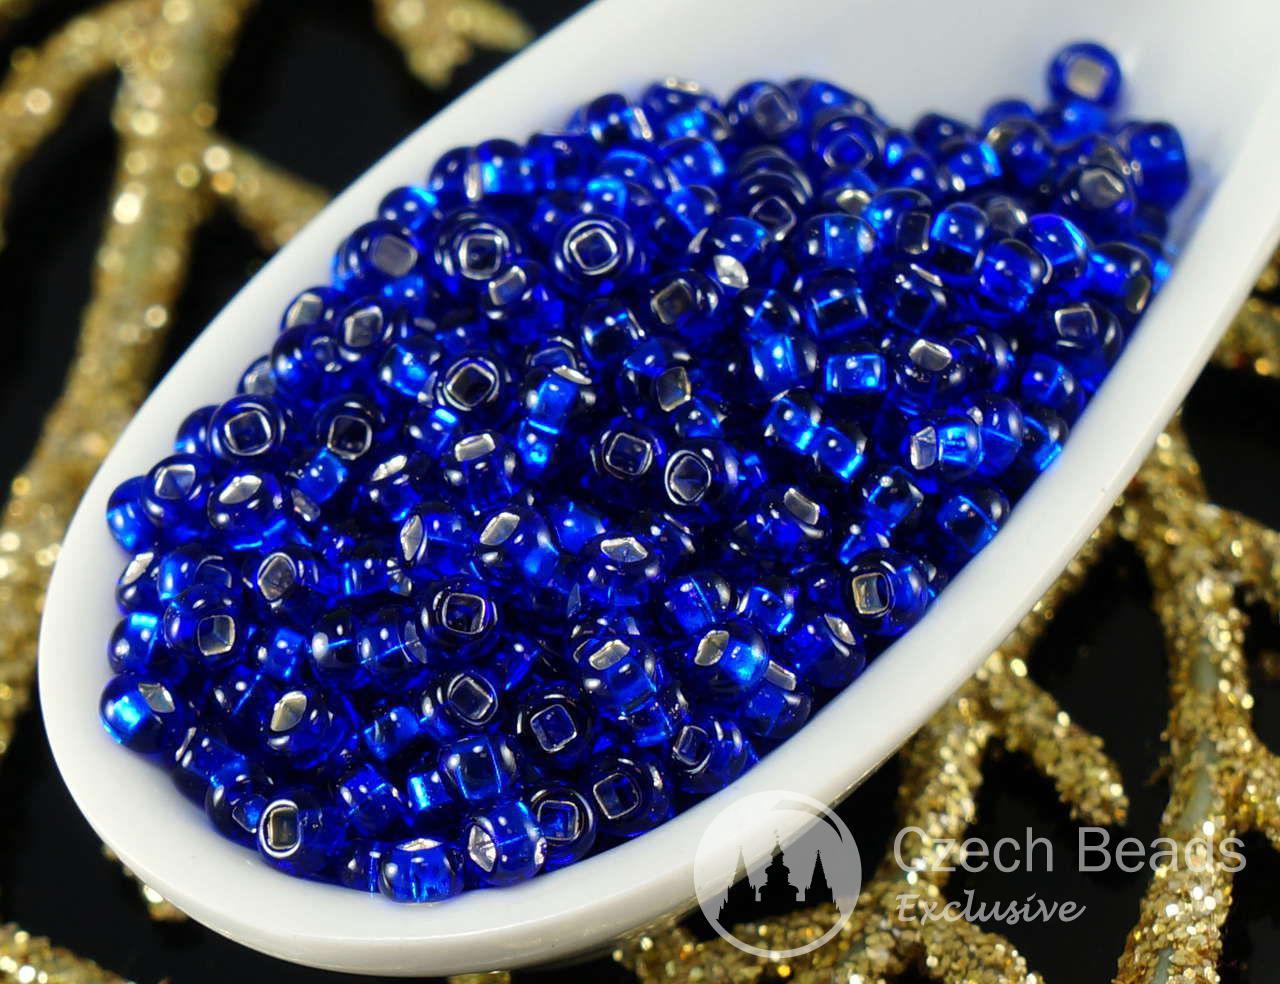 20g de Plata Azul Forrado de Cristal checo Semilla de Perlas 9/0 PRECIOSA Talla 9 Perlas Rocaille Espaciador de 2.6 mm para $ 1.81 de Czech Beads Exclusive